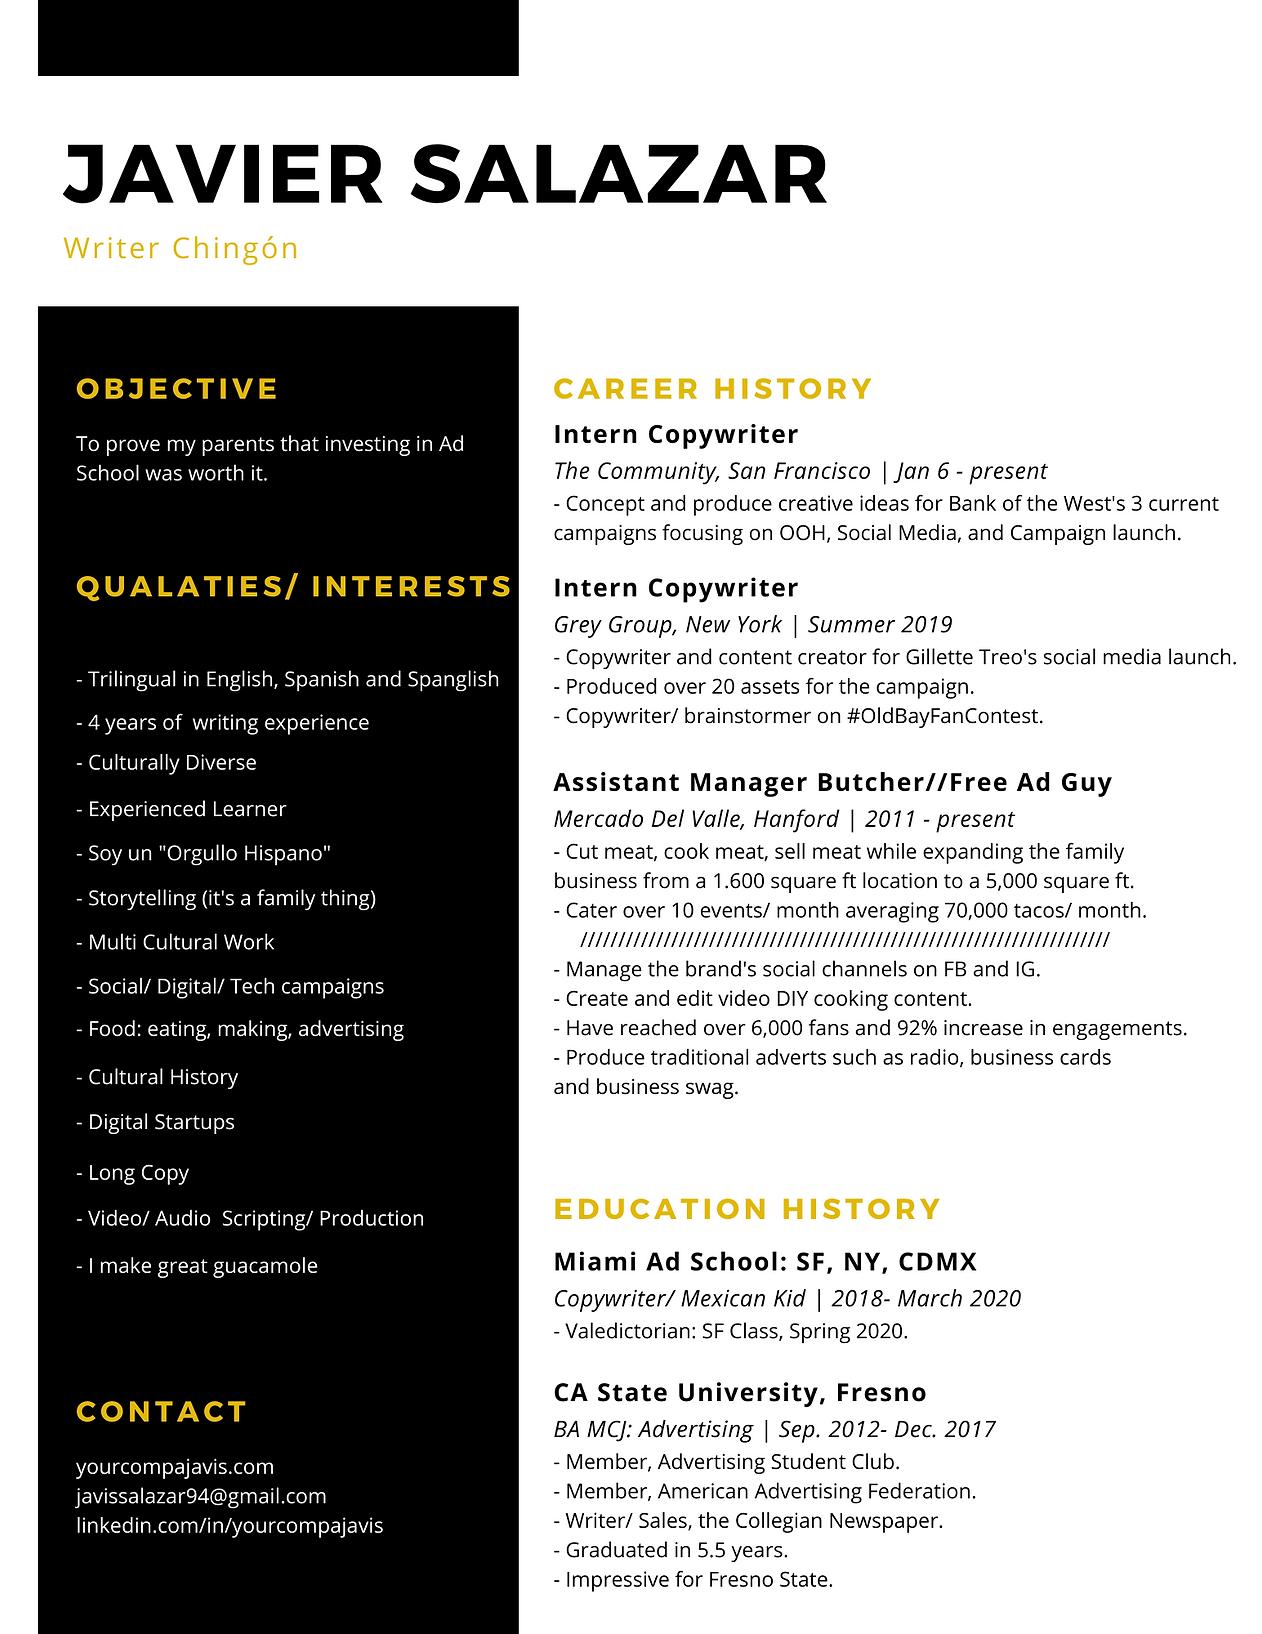 Javier salazar-2.png